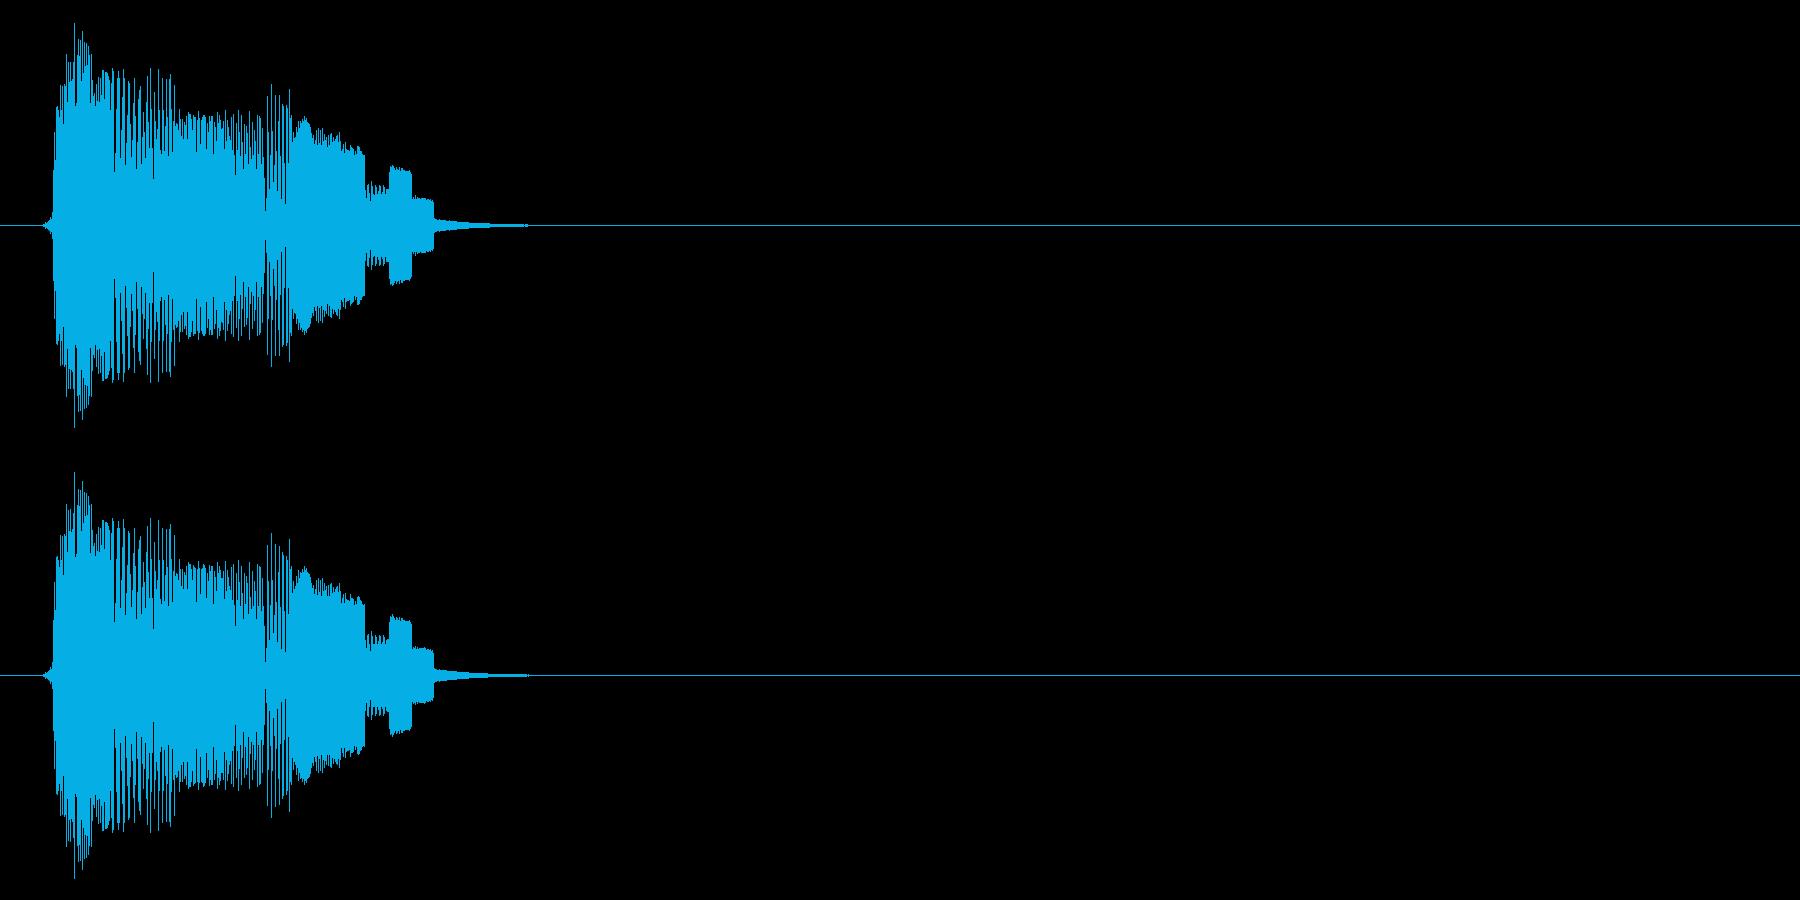 ボタン音(タッチ、スタート、アプリ)の再生済みの波形